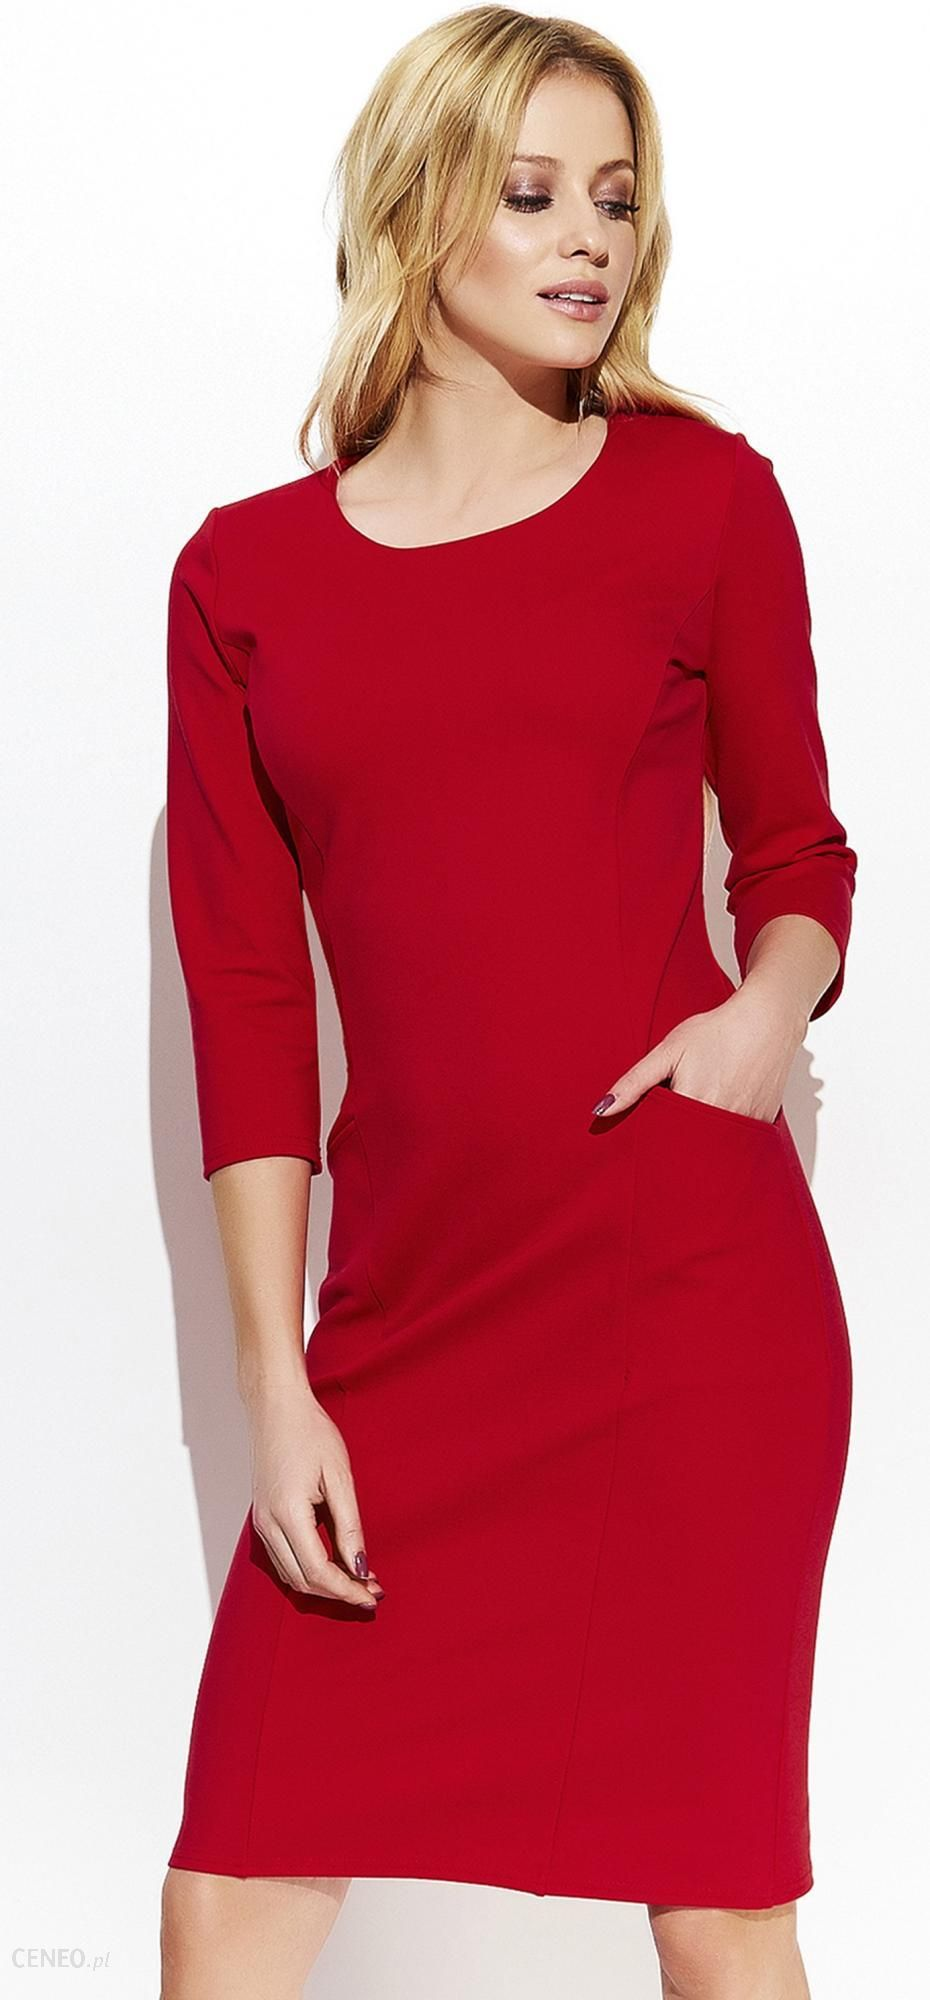 cb3553f005c Makadamia sukienka damska 38 czerwona - Ceny i opinie ...